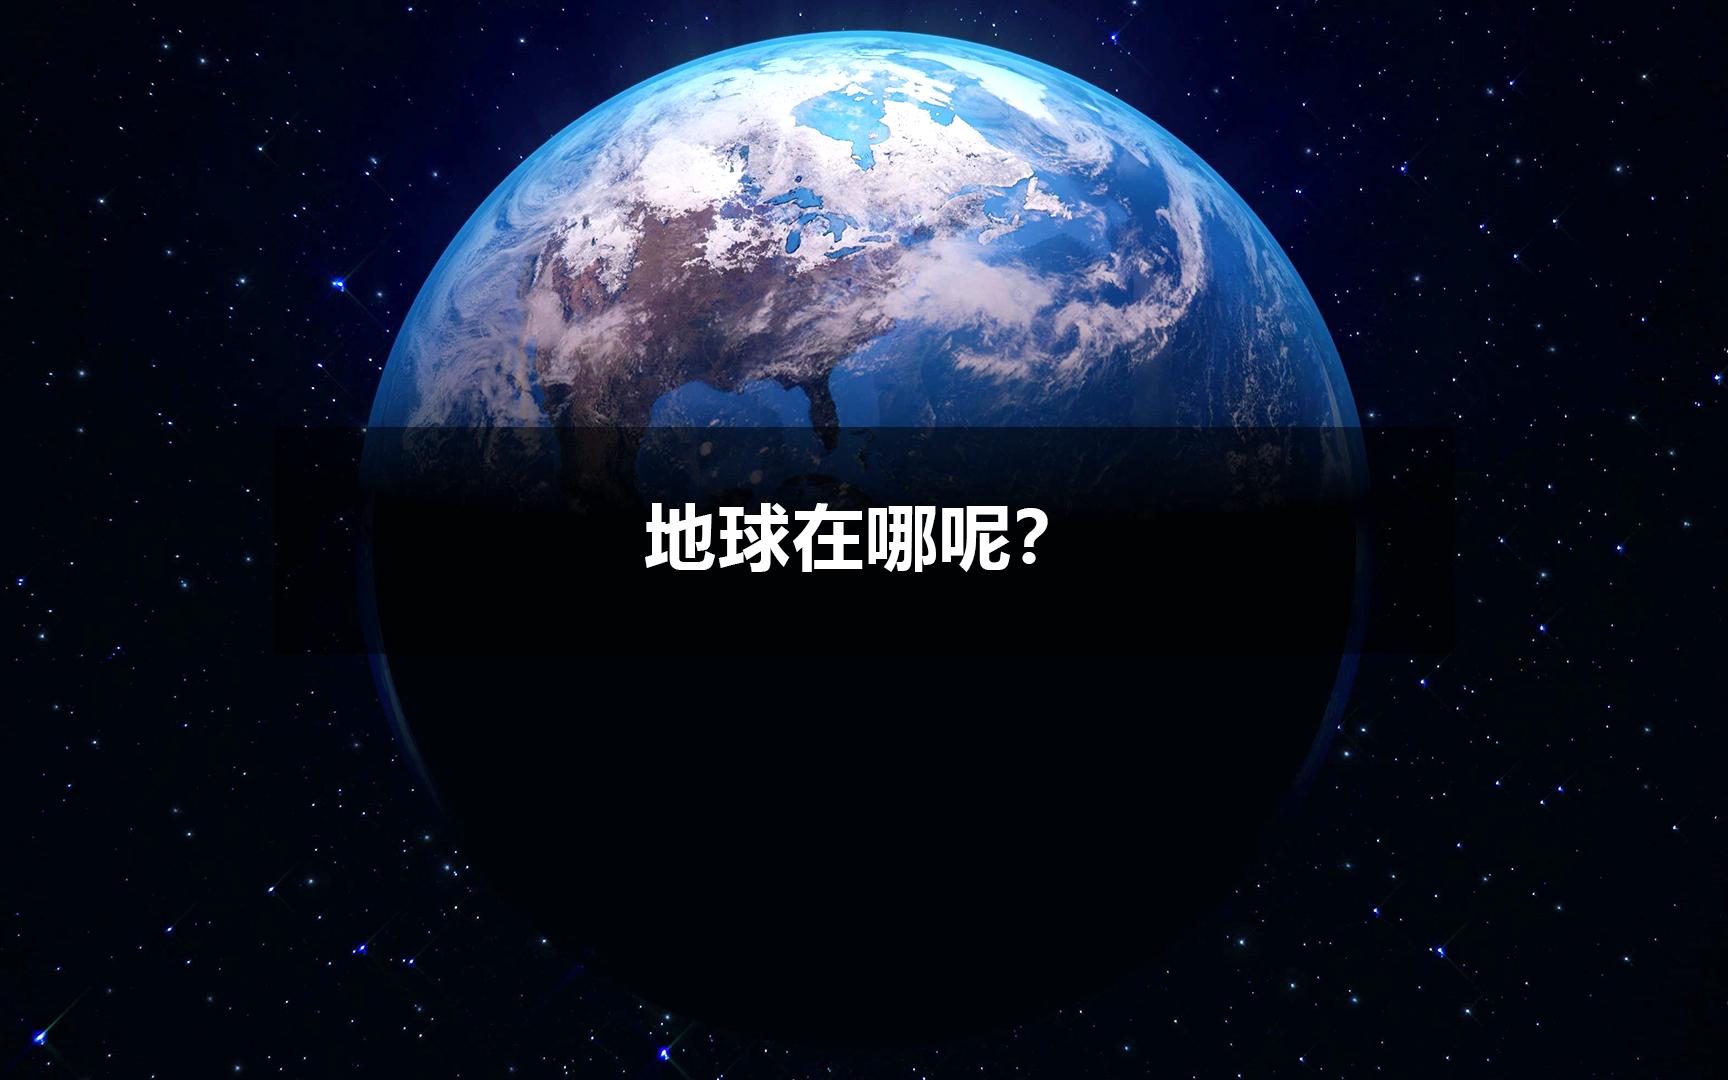 地球在哪呢?怎么在宇宙中找到地球?